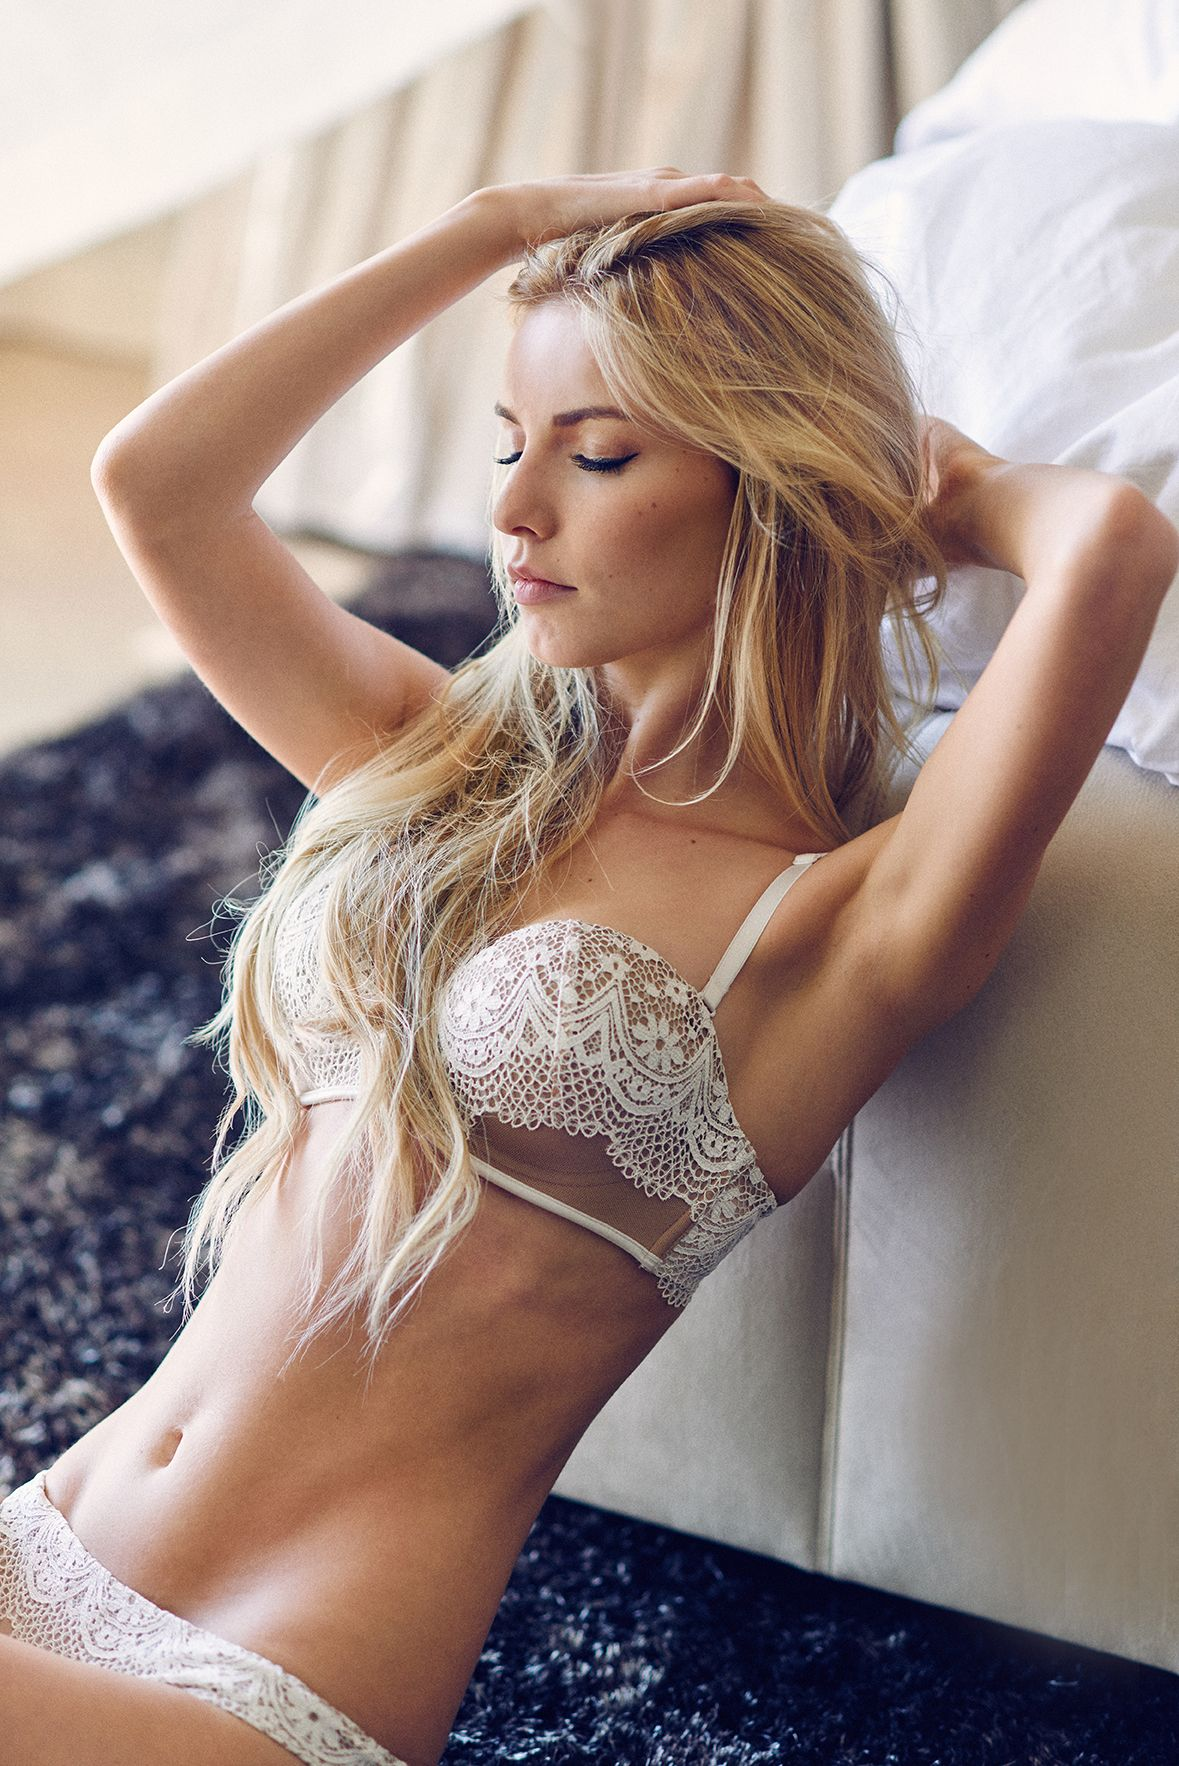 Pin on gorgeous women